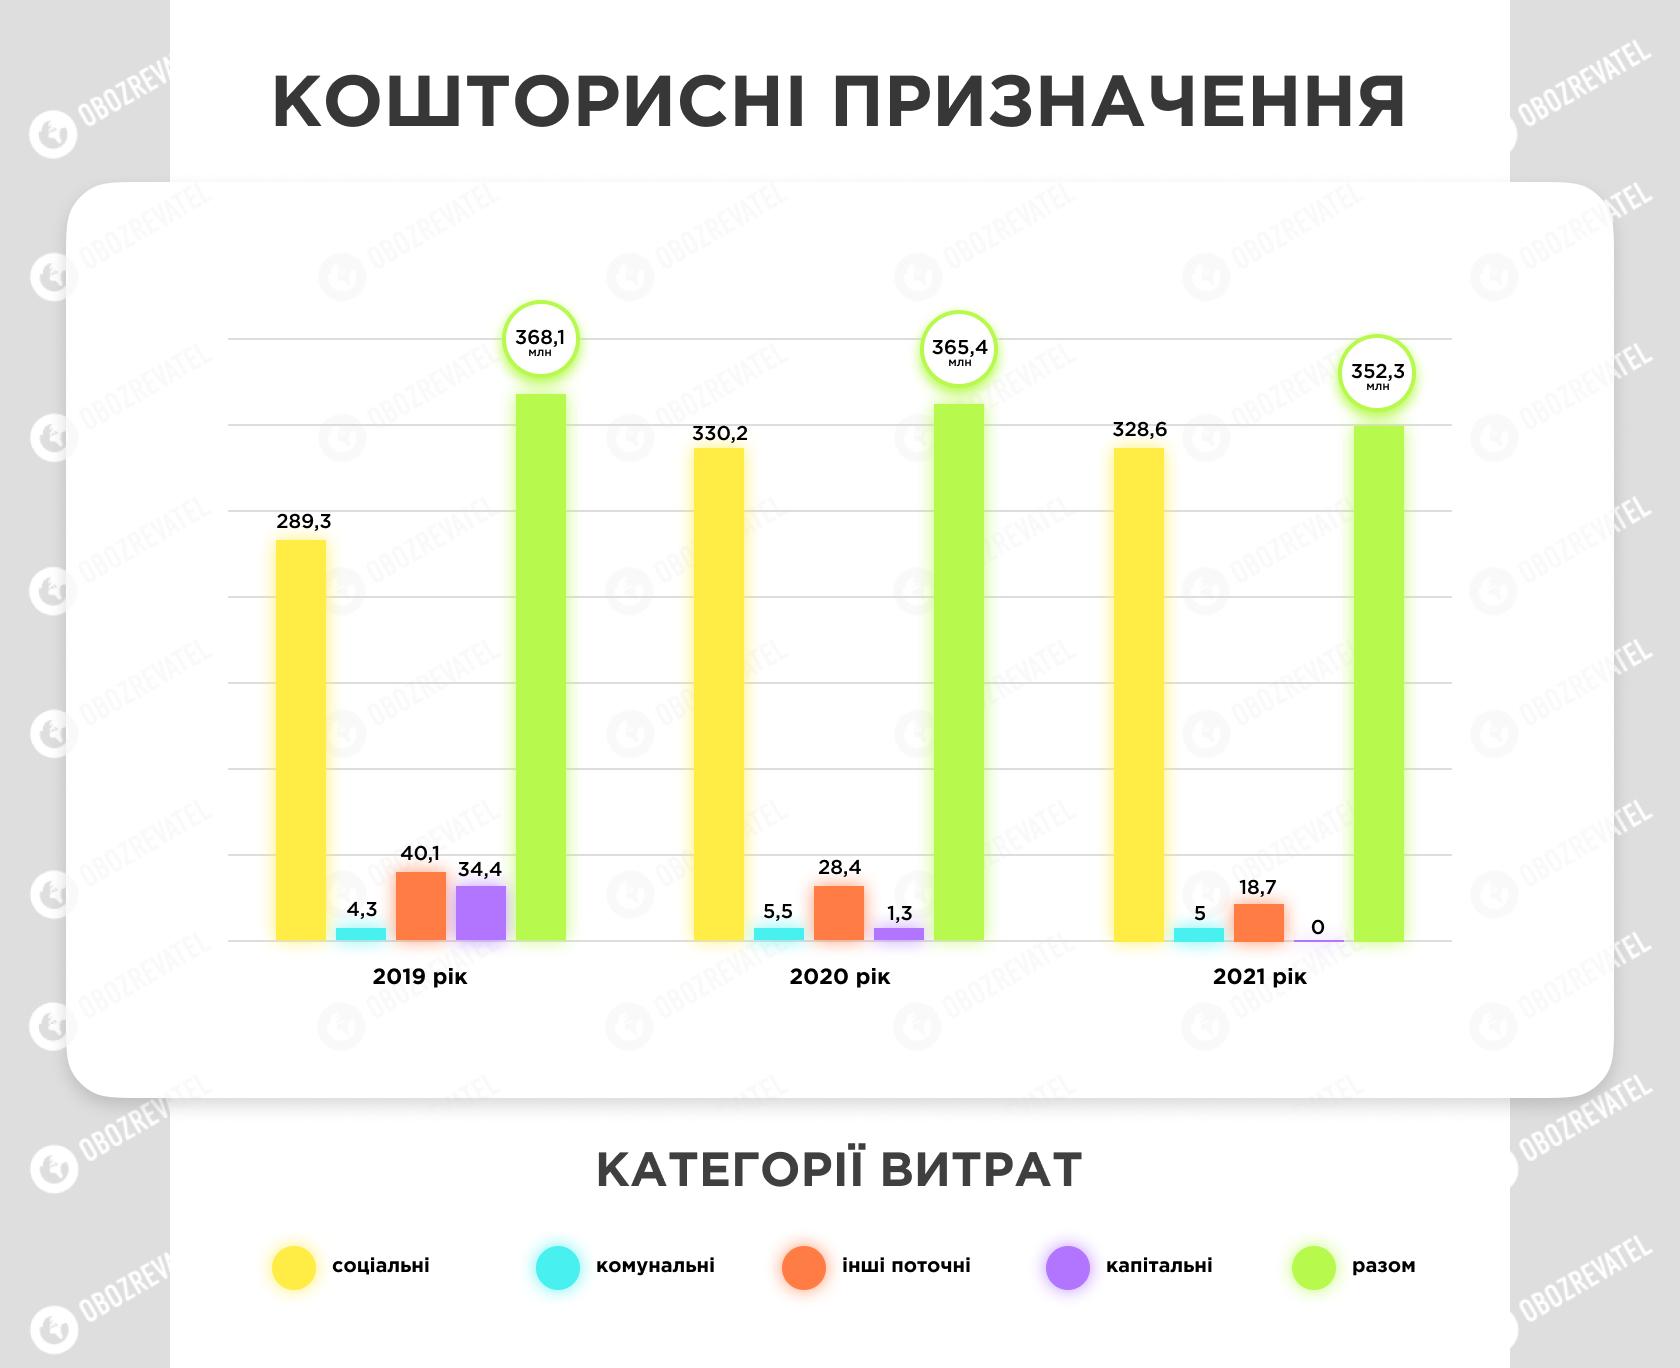 Фінансування судів Київській області та категорії витрат.